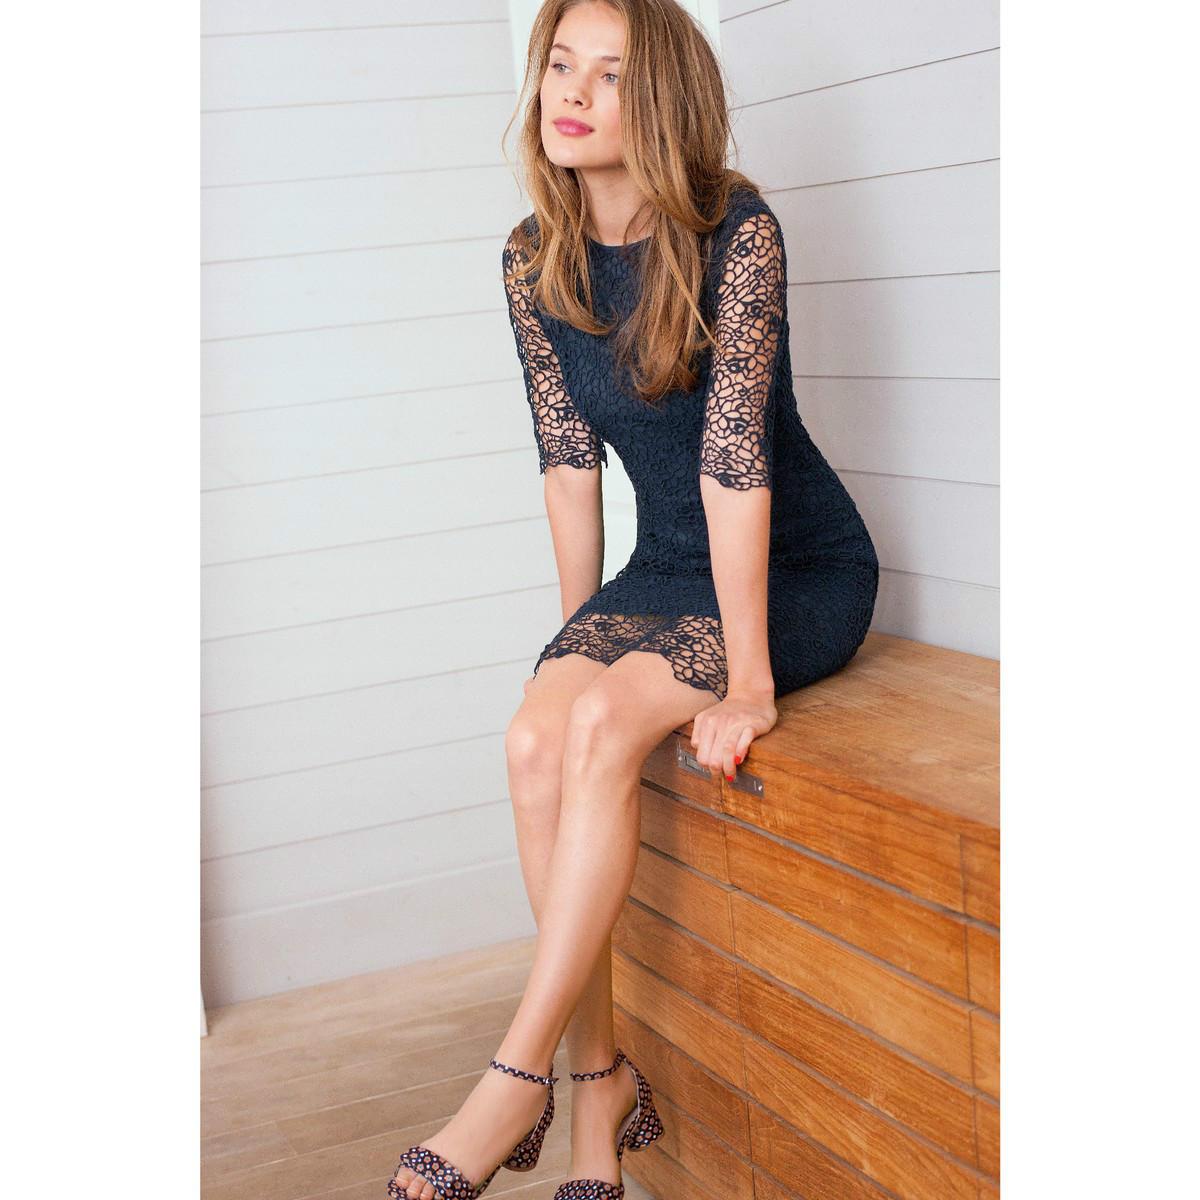 【法国LR】1件免邮: 法国设计师品牌ATELIER R短袖蕾丝连衣裙